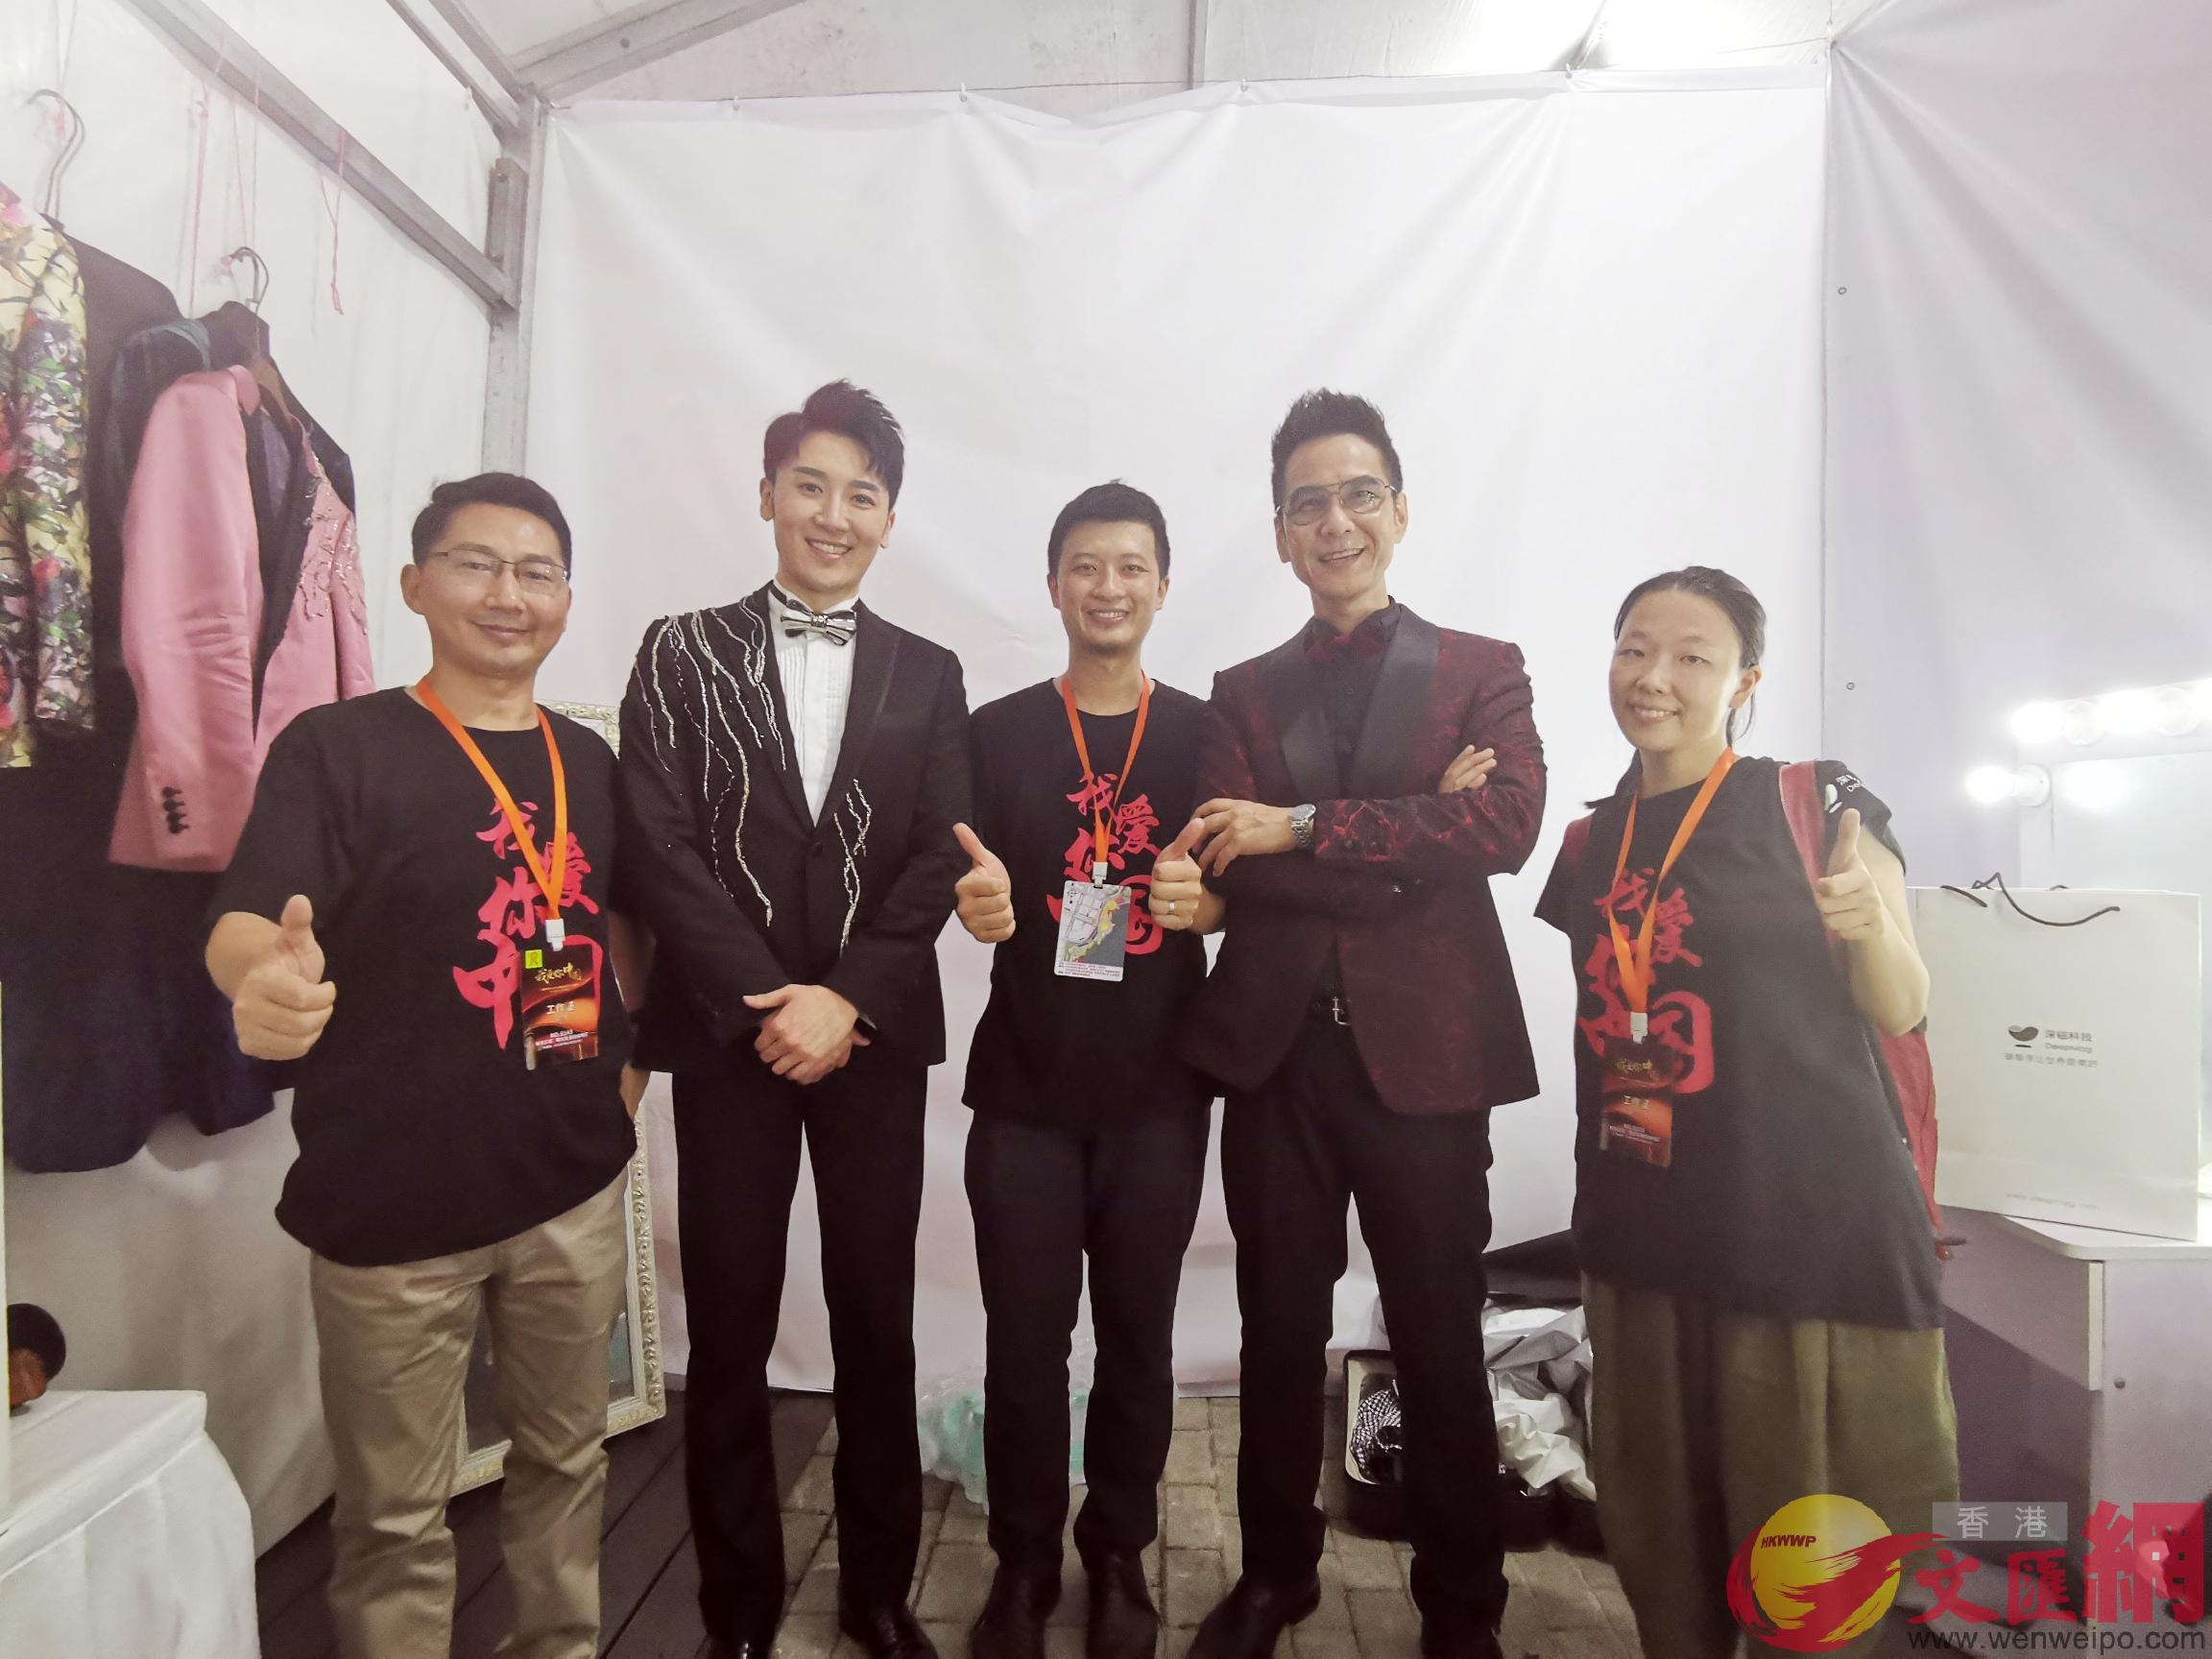 香港主持人陳啟泰(右二)與磁懸浮穿梭板的研發團隊深磁科技合照 記者何花攝